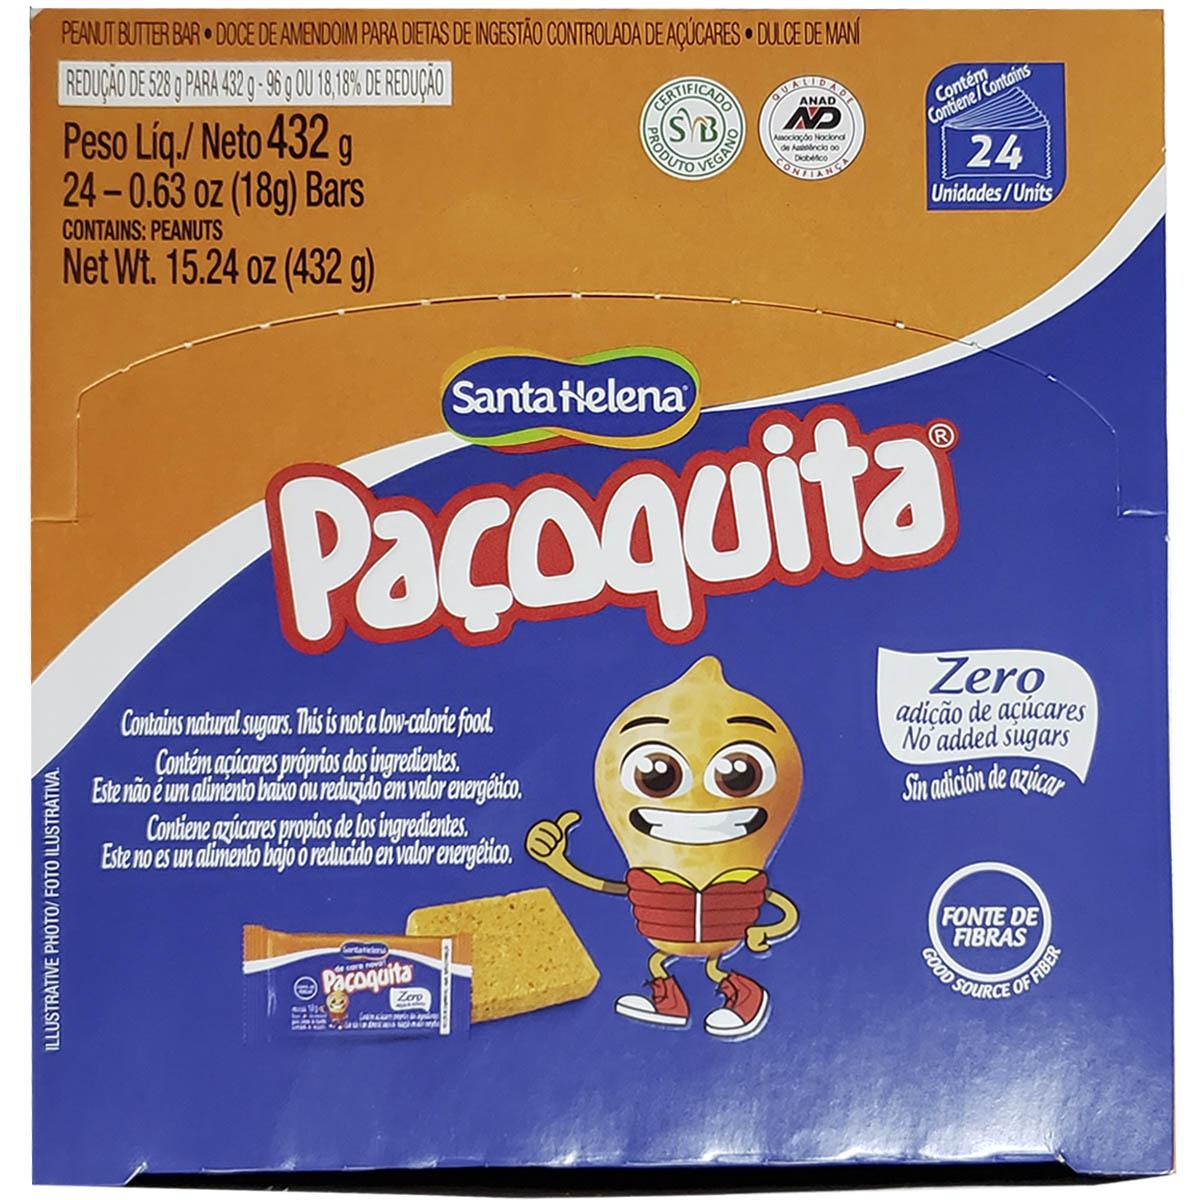 Doce Paçoquita Diet Zero Adição De Açúcar 24 Unidades - Santa Helena